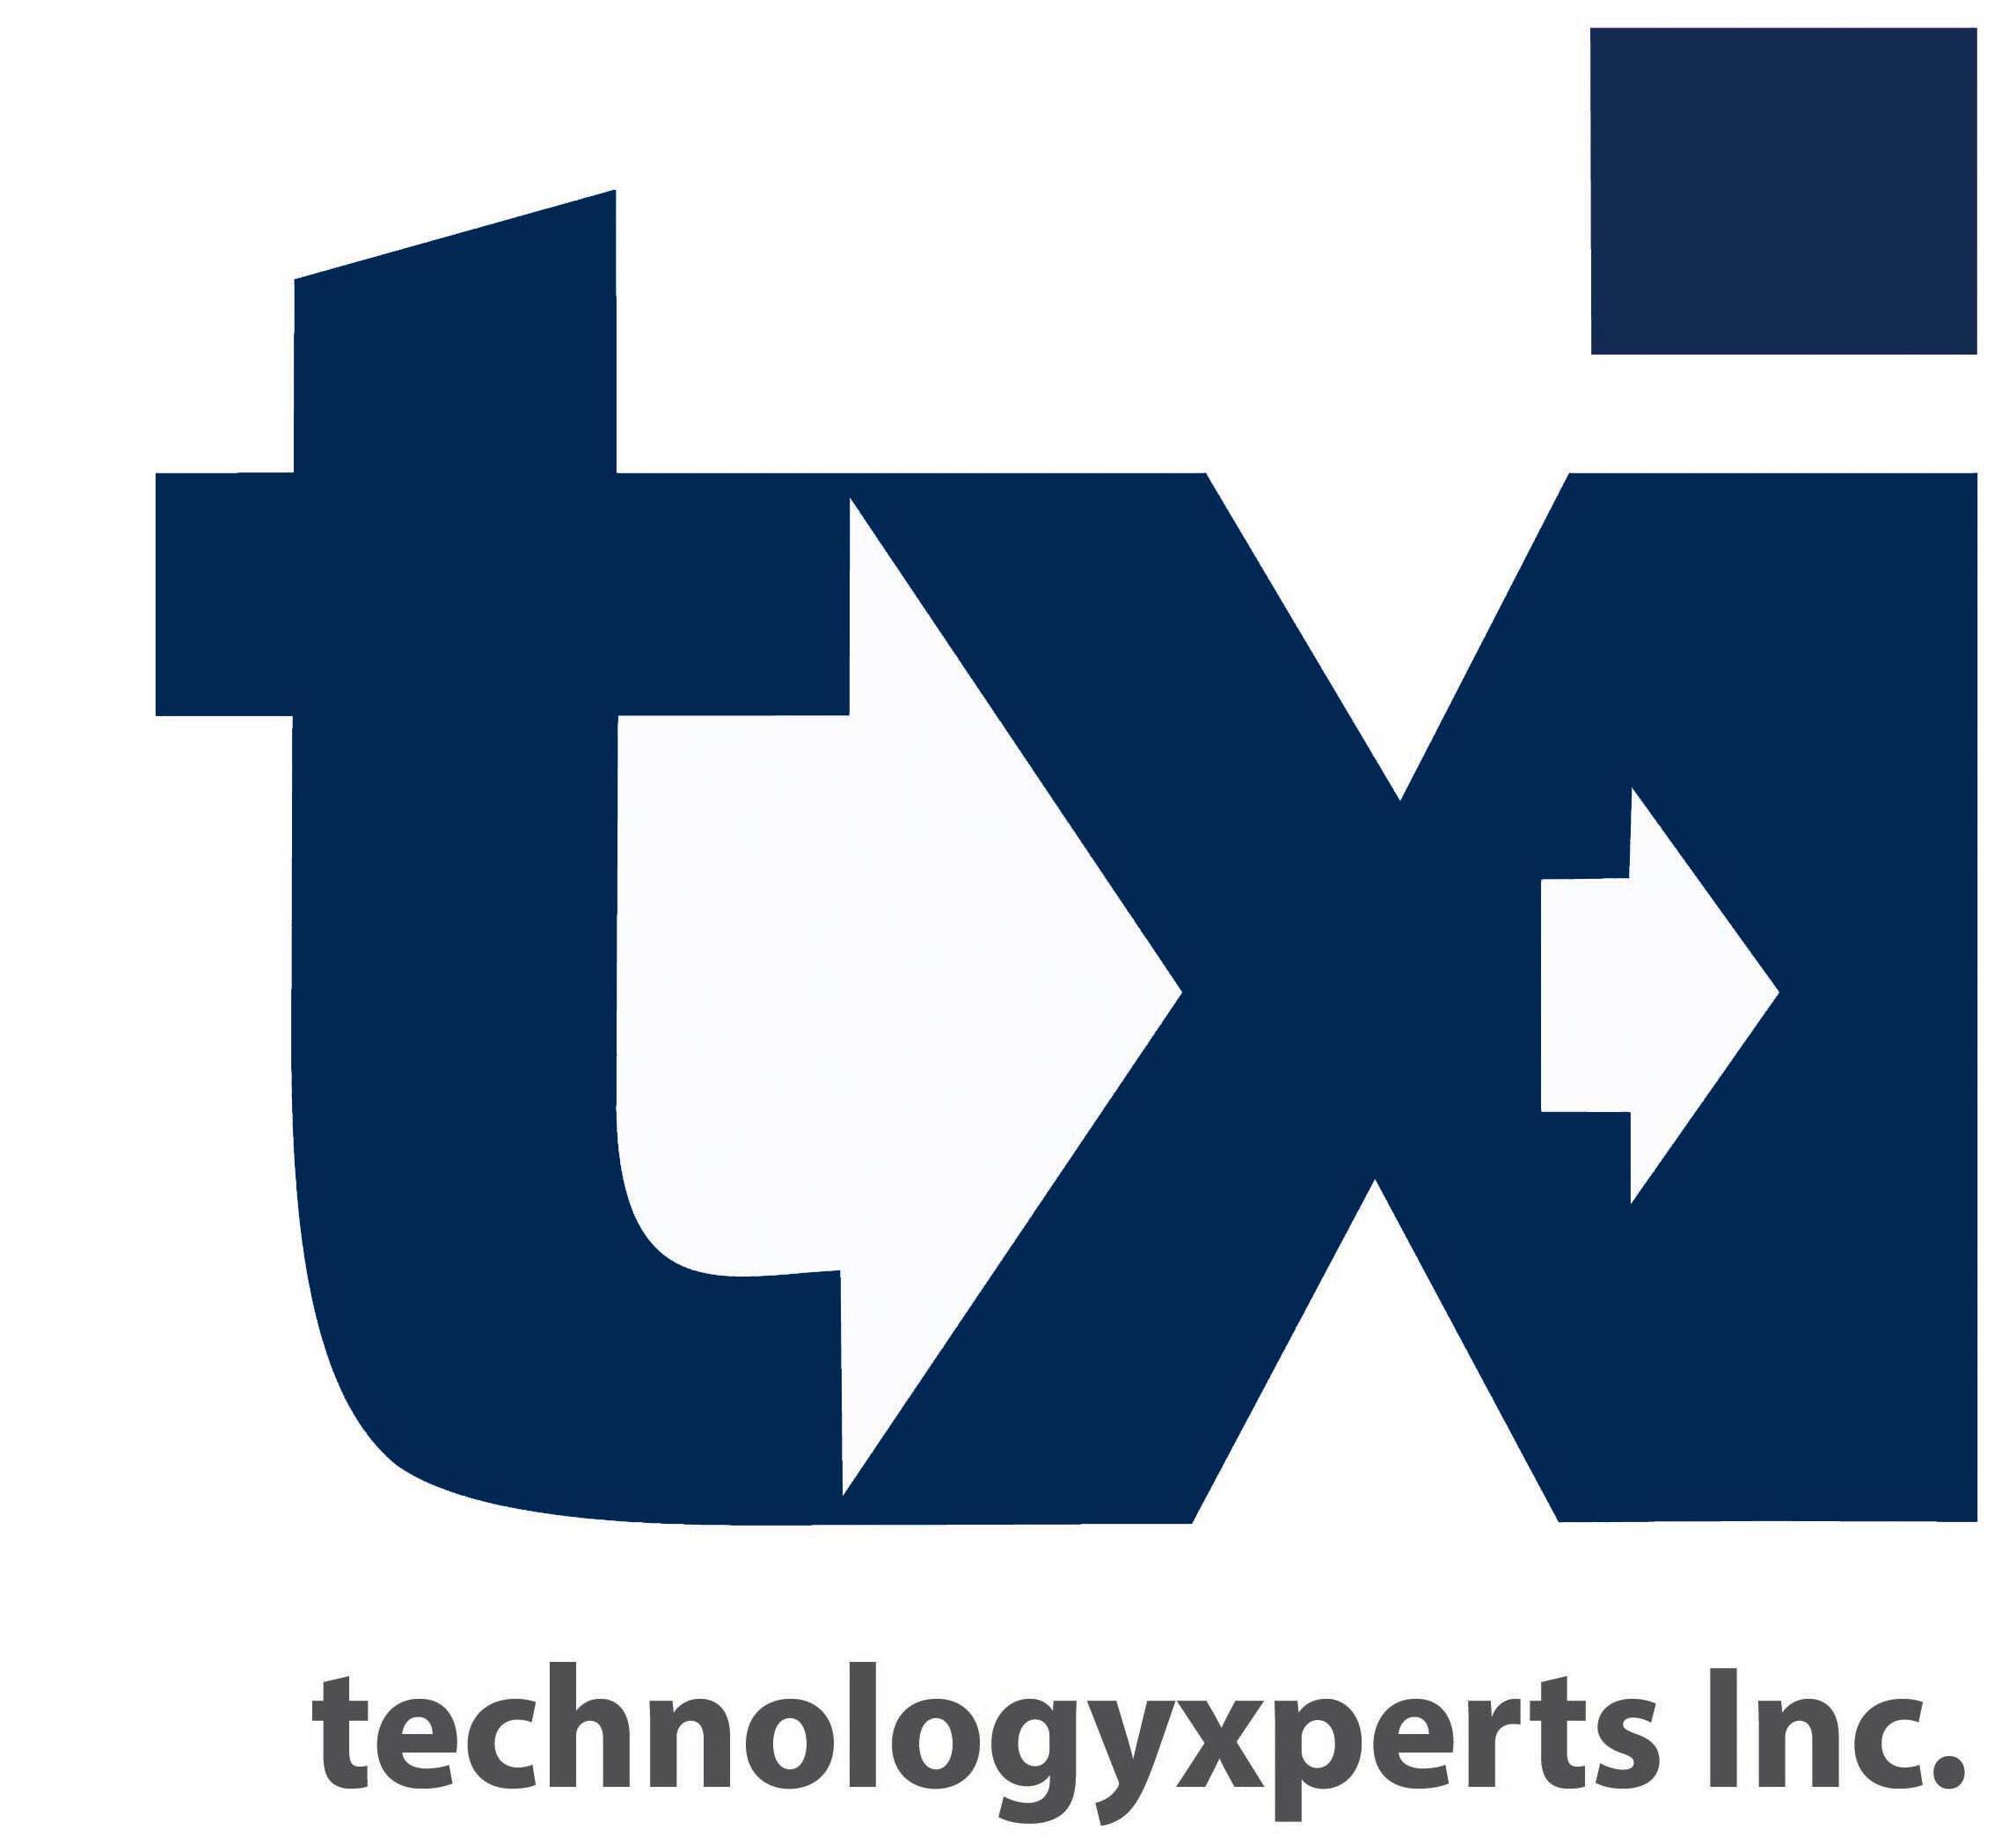 TechnologyXperts, Inc.